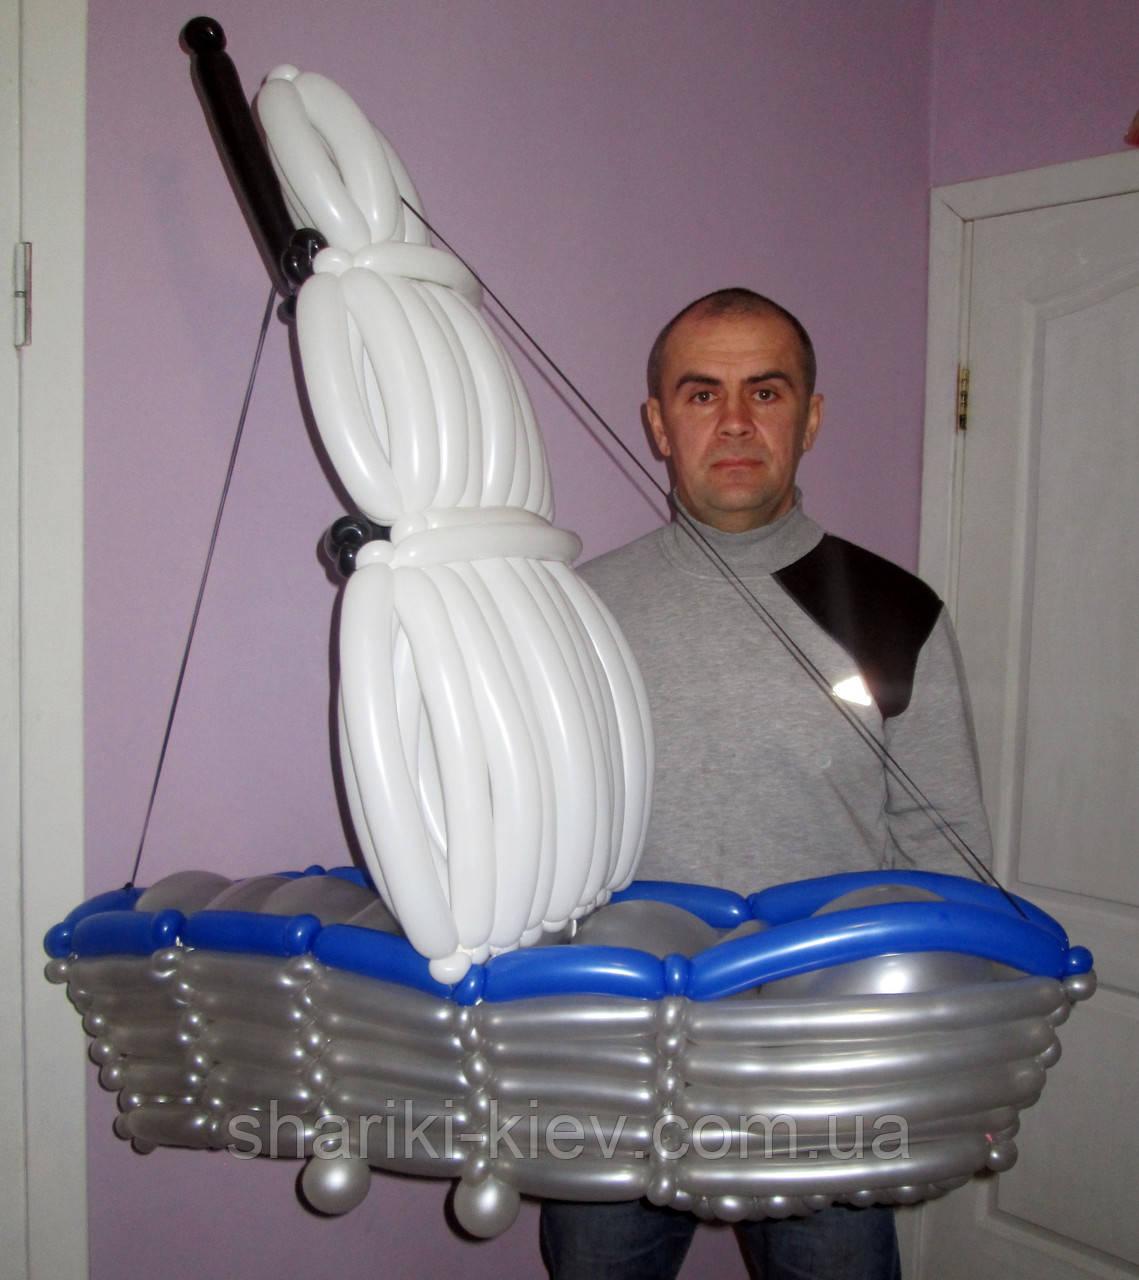 Корабль из воздушных шариков на День рождения